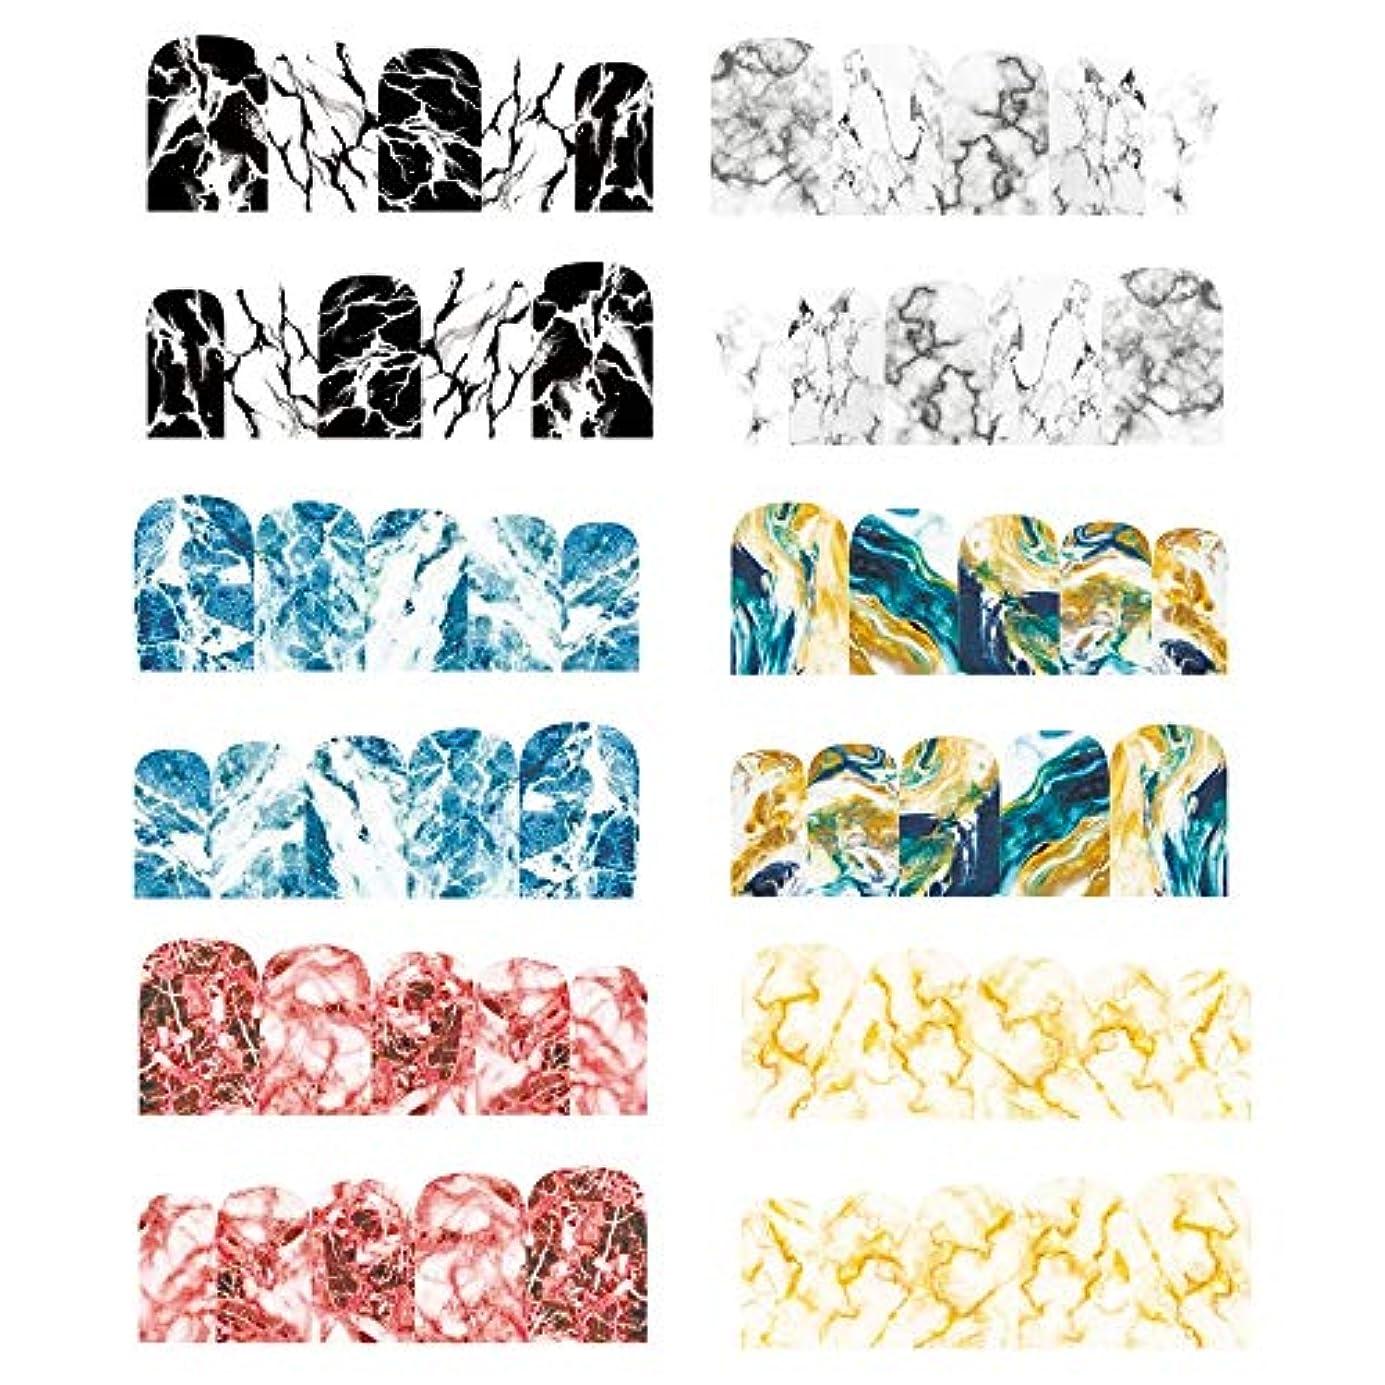 優しい媒染剤放散するネイルパーツ ネイルパーツ 大理石 ネイルステッカー ネイルシール デコ ウォーターシールネイルアートシール 3Dネイルシール ステッカー 貼り紙 綺麗 6ピース ハンドメイド材料